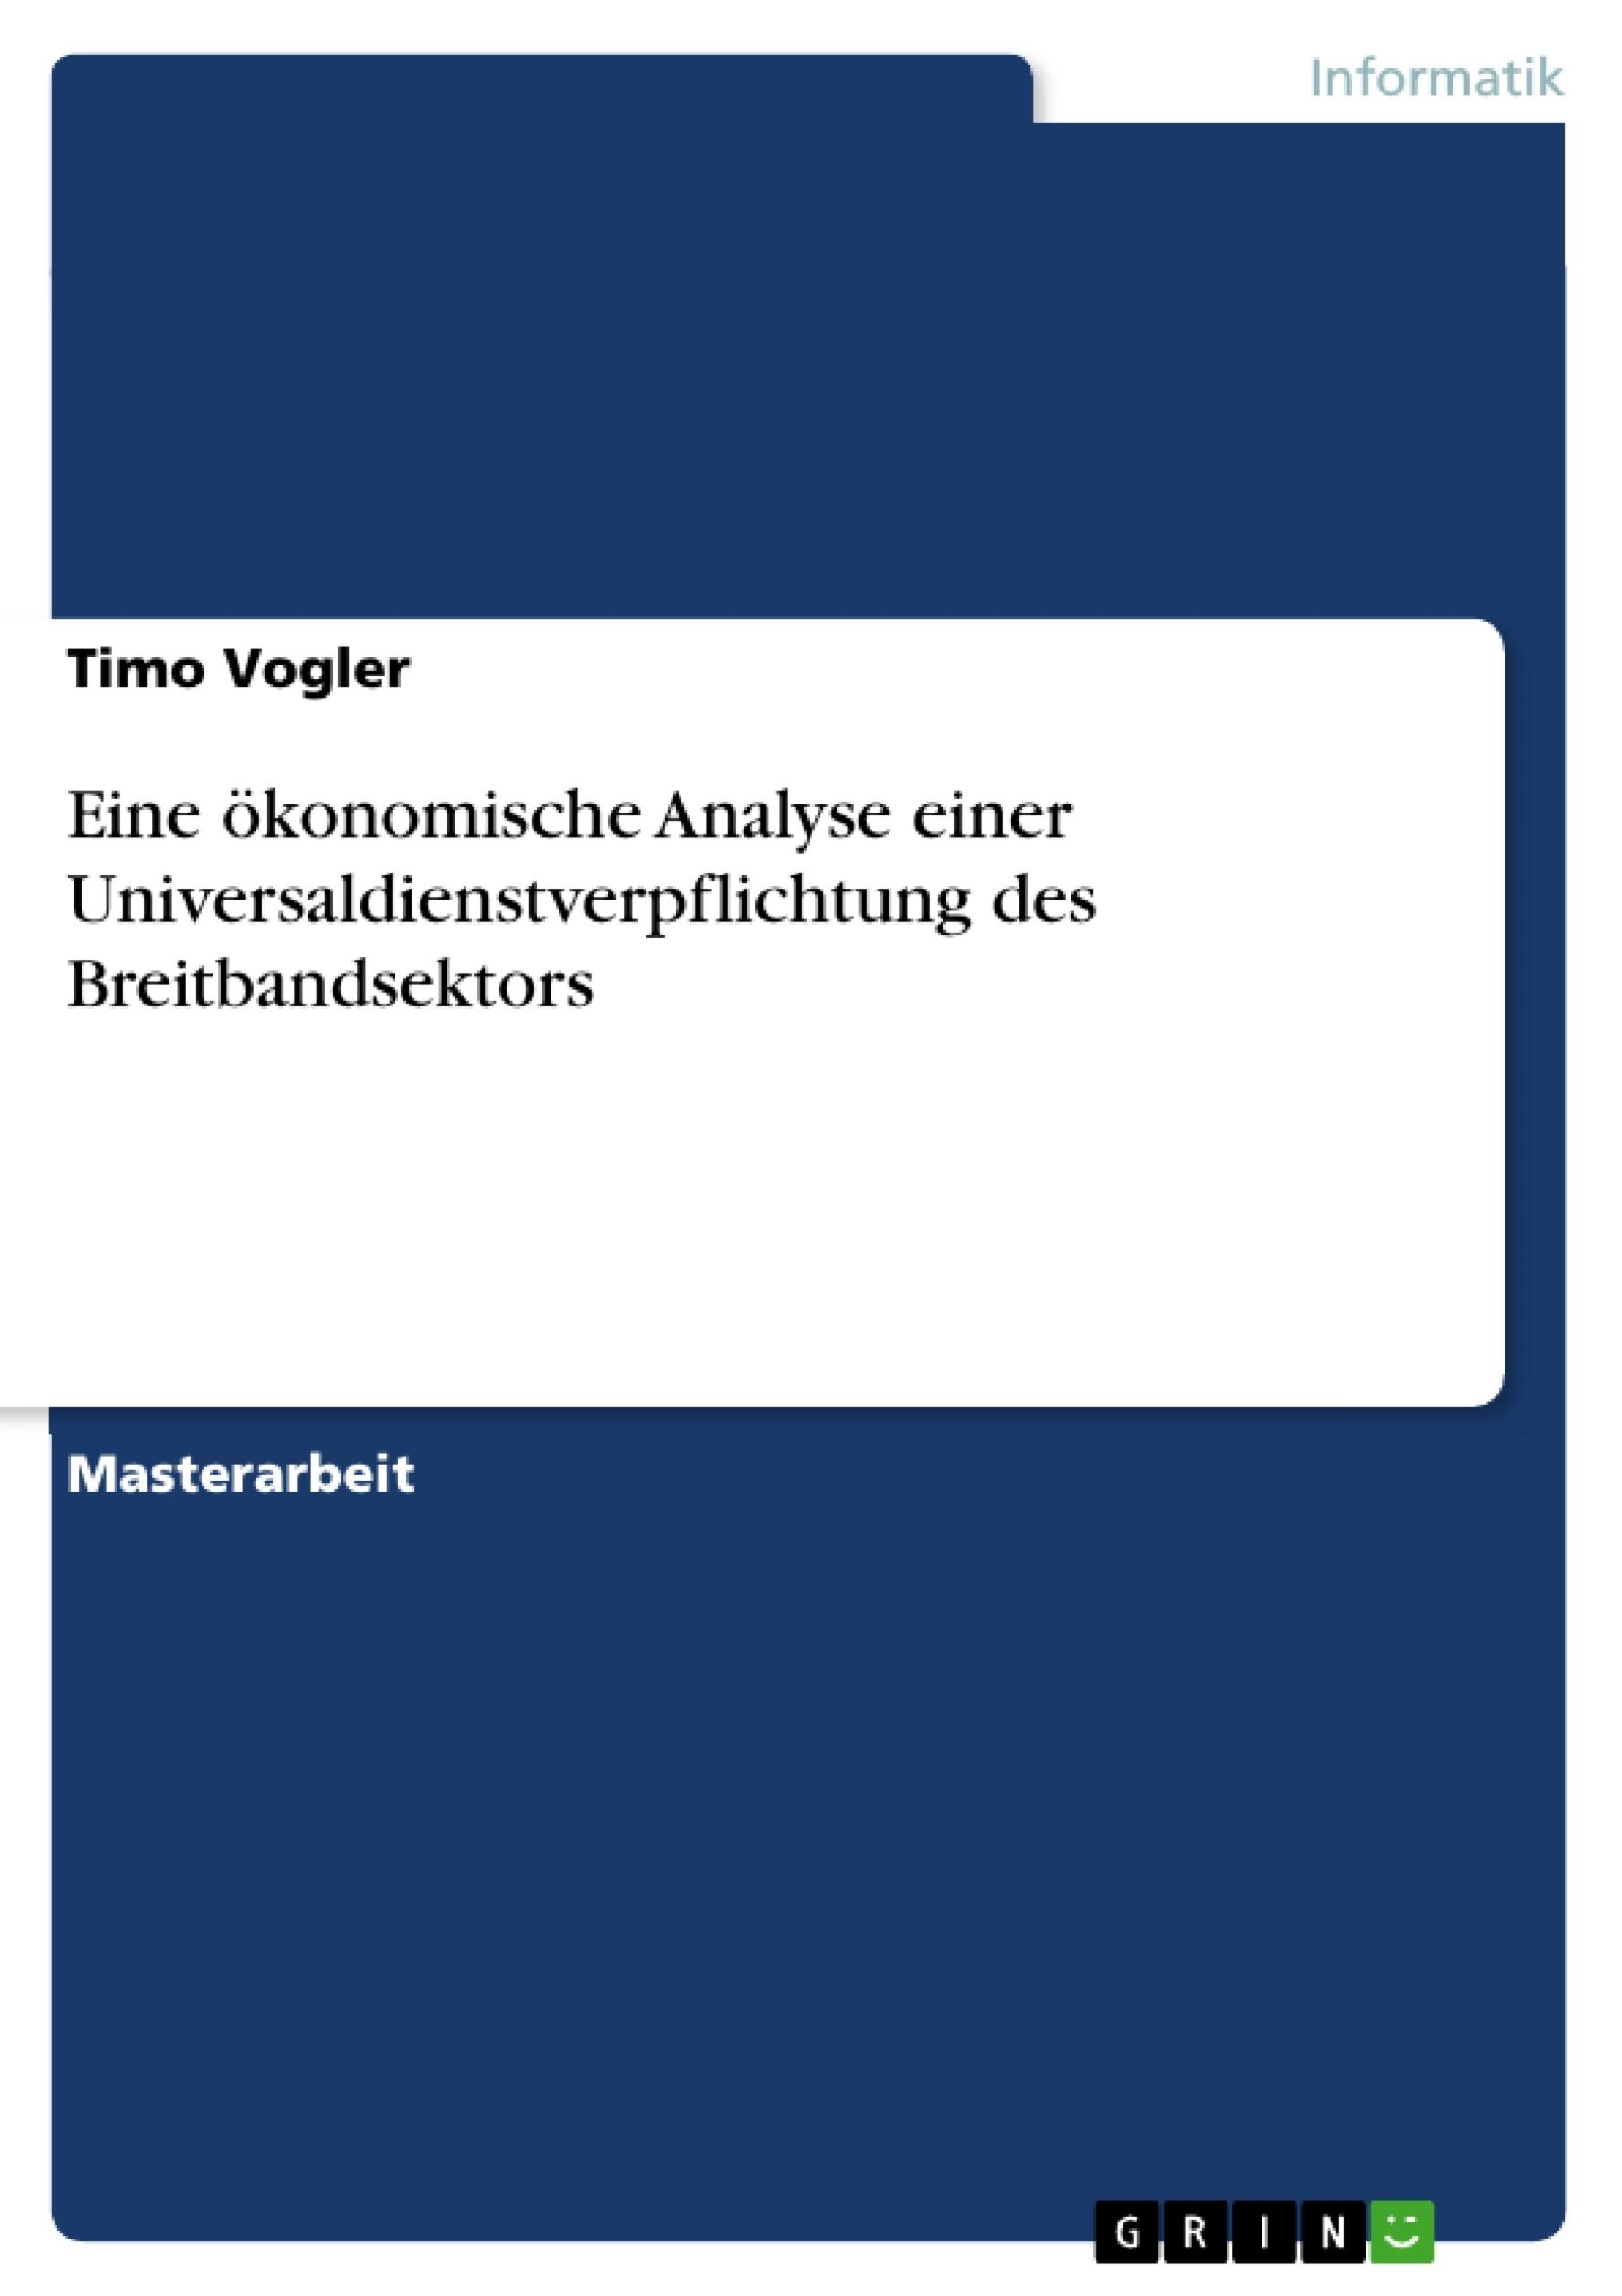 Eine ökonomische Analyse einer Universaldienstverpflichtung des ...